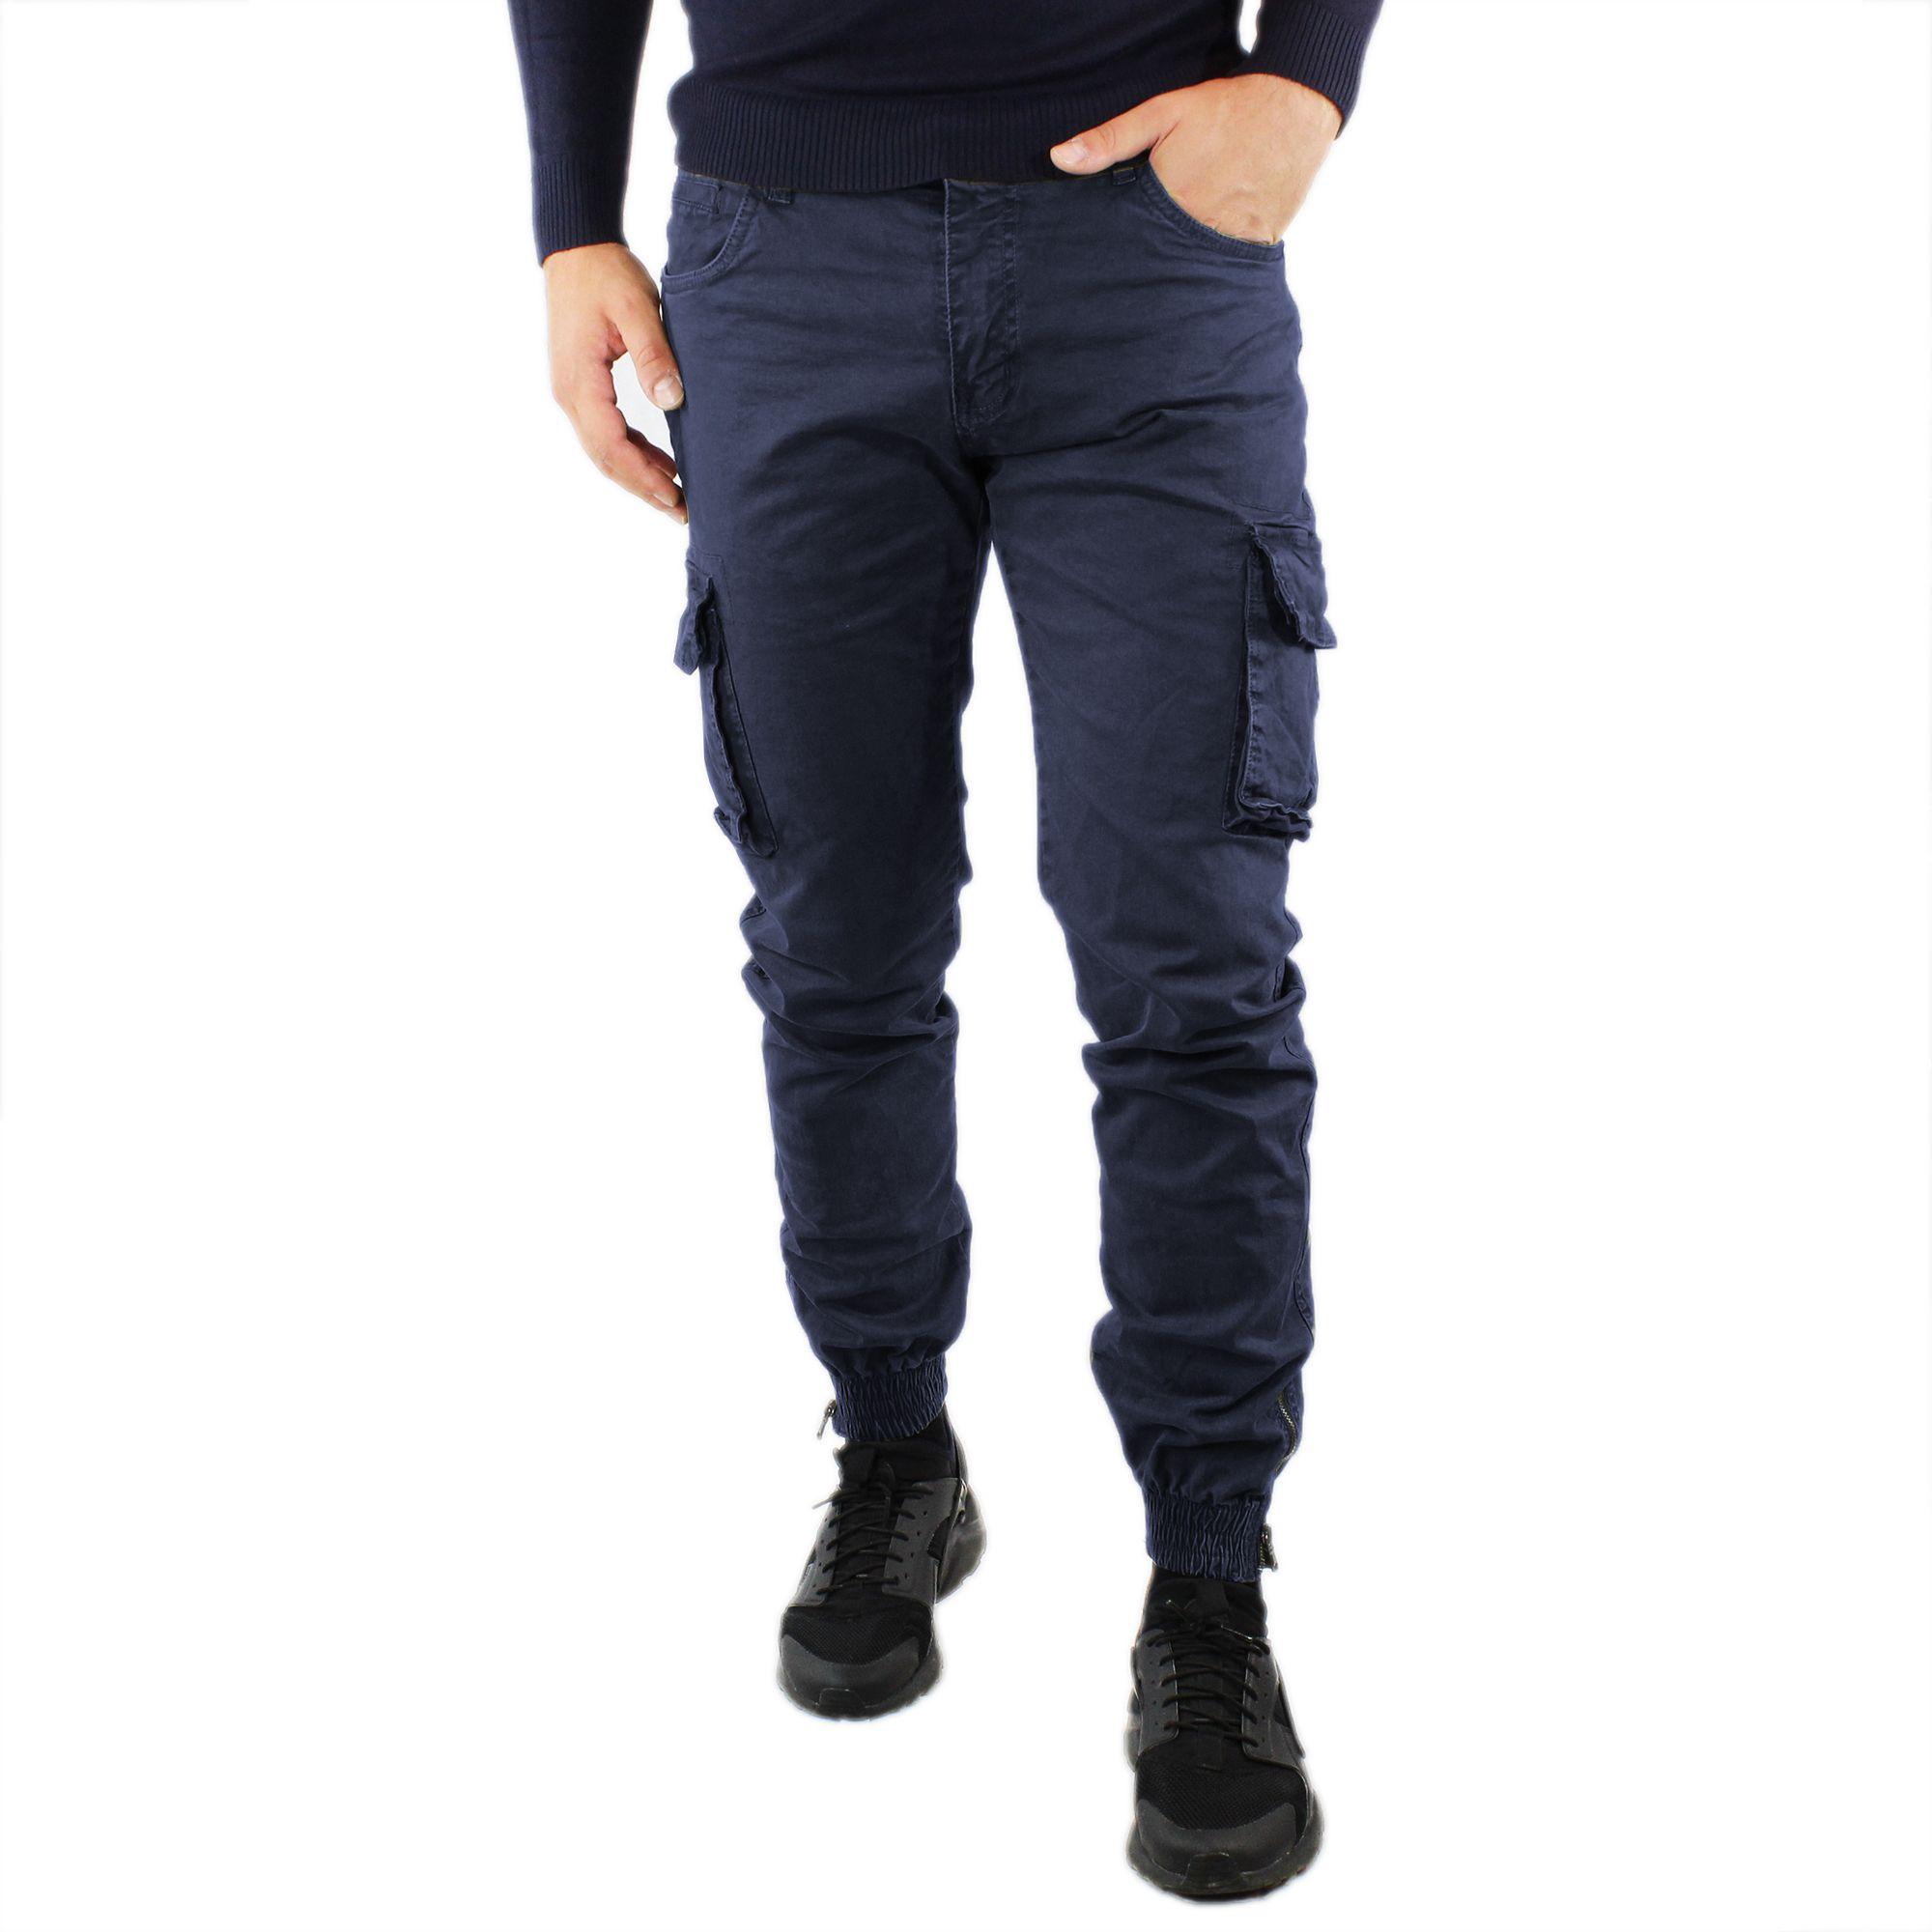 Pantaloni-Cargo-Uomo-Invernale-Tasche-Laterali-Cotone-Slim-Fit-Tasconi-Casual miniatura 7